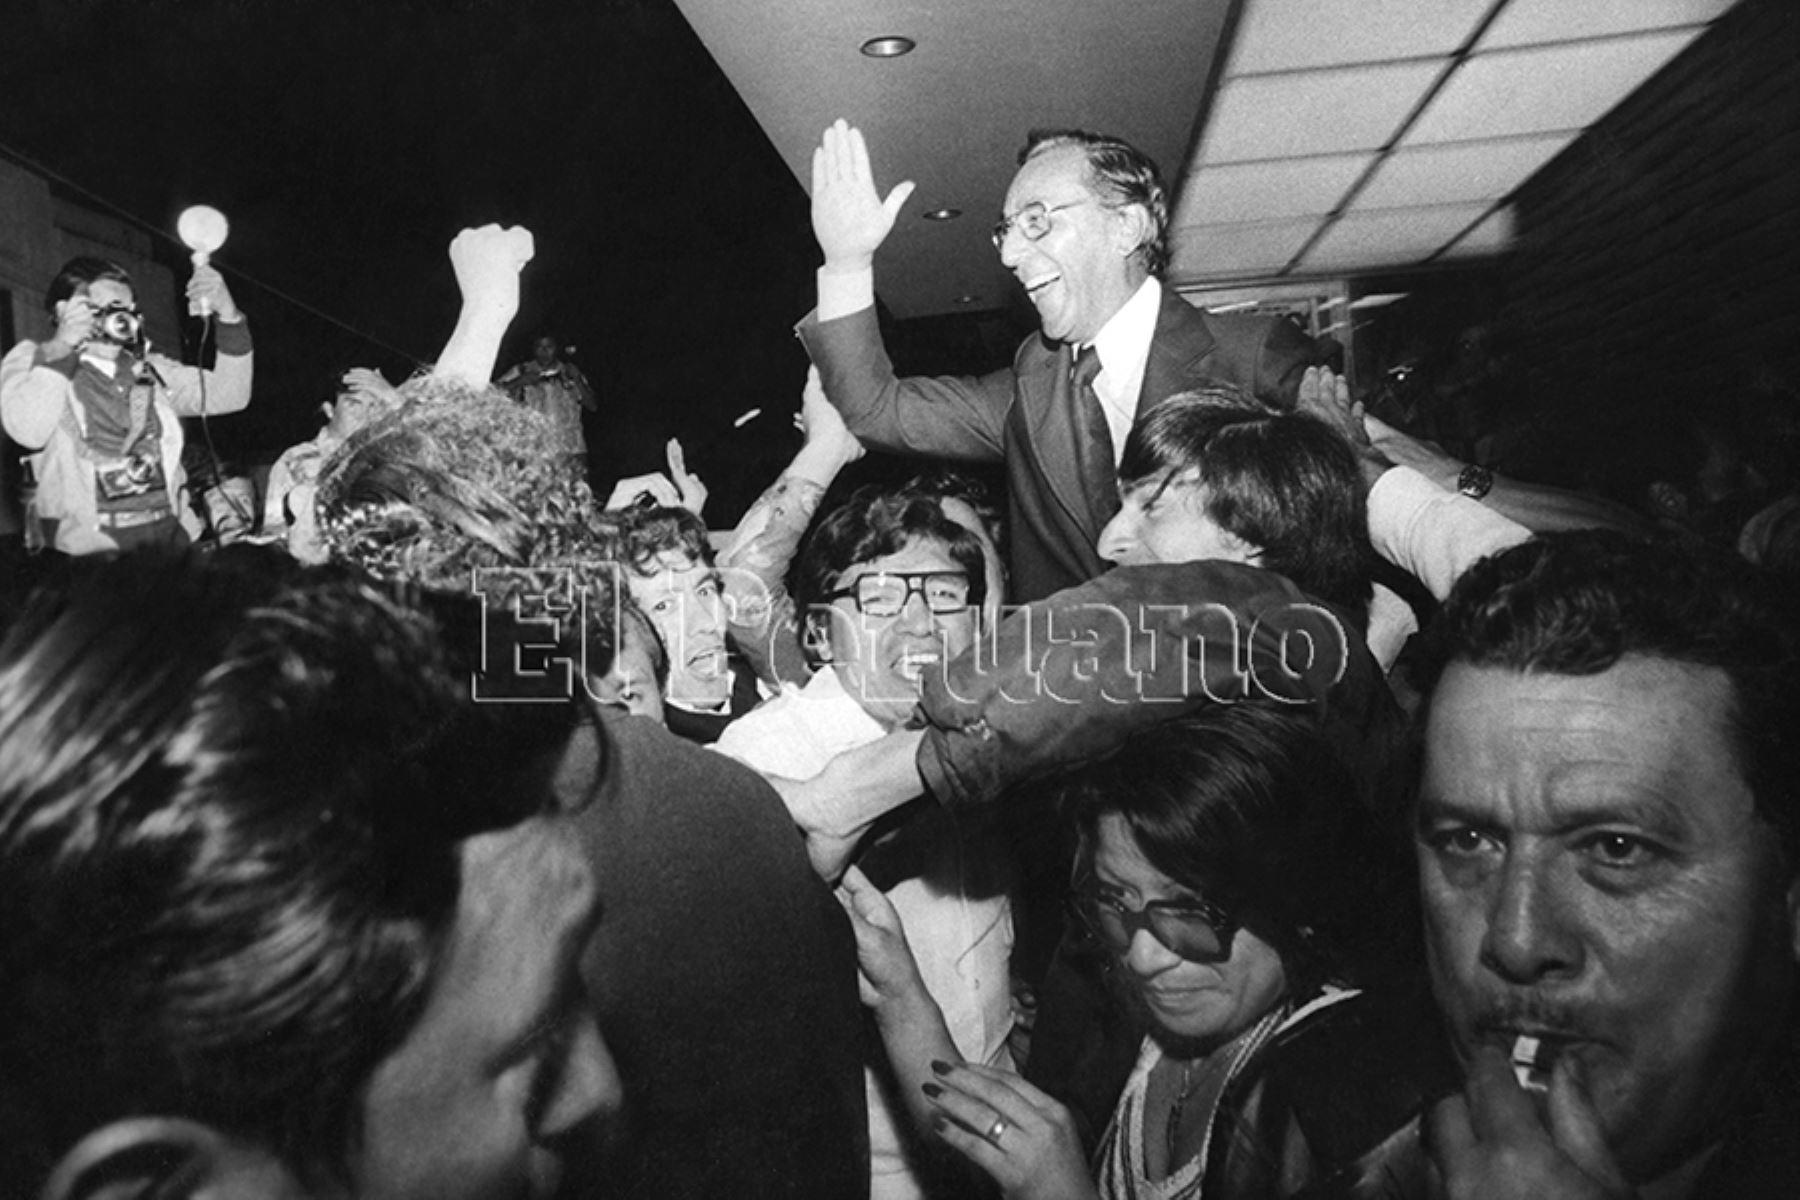 Lima - 4 diciembre 1977 /  Luis Bedoya Reyes es llevado en hombros por sus partidarios luego de sostener un debate con Héctor Cornejo Chávez Democracia Cristiana en el programa Contacto Directo en canal 4. Foto: Archivo Histórico de EL PERUANO